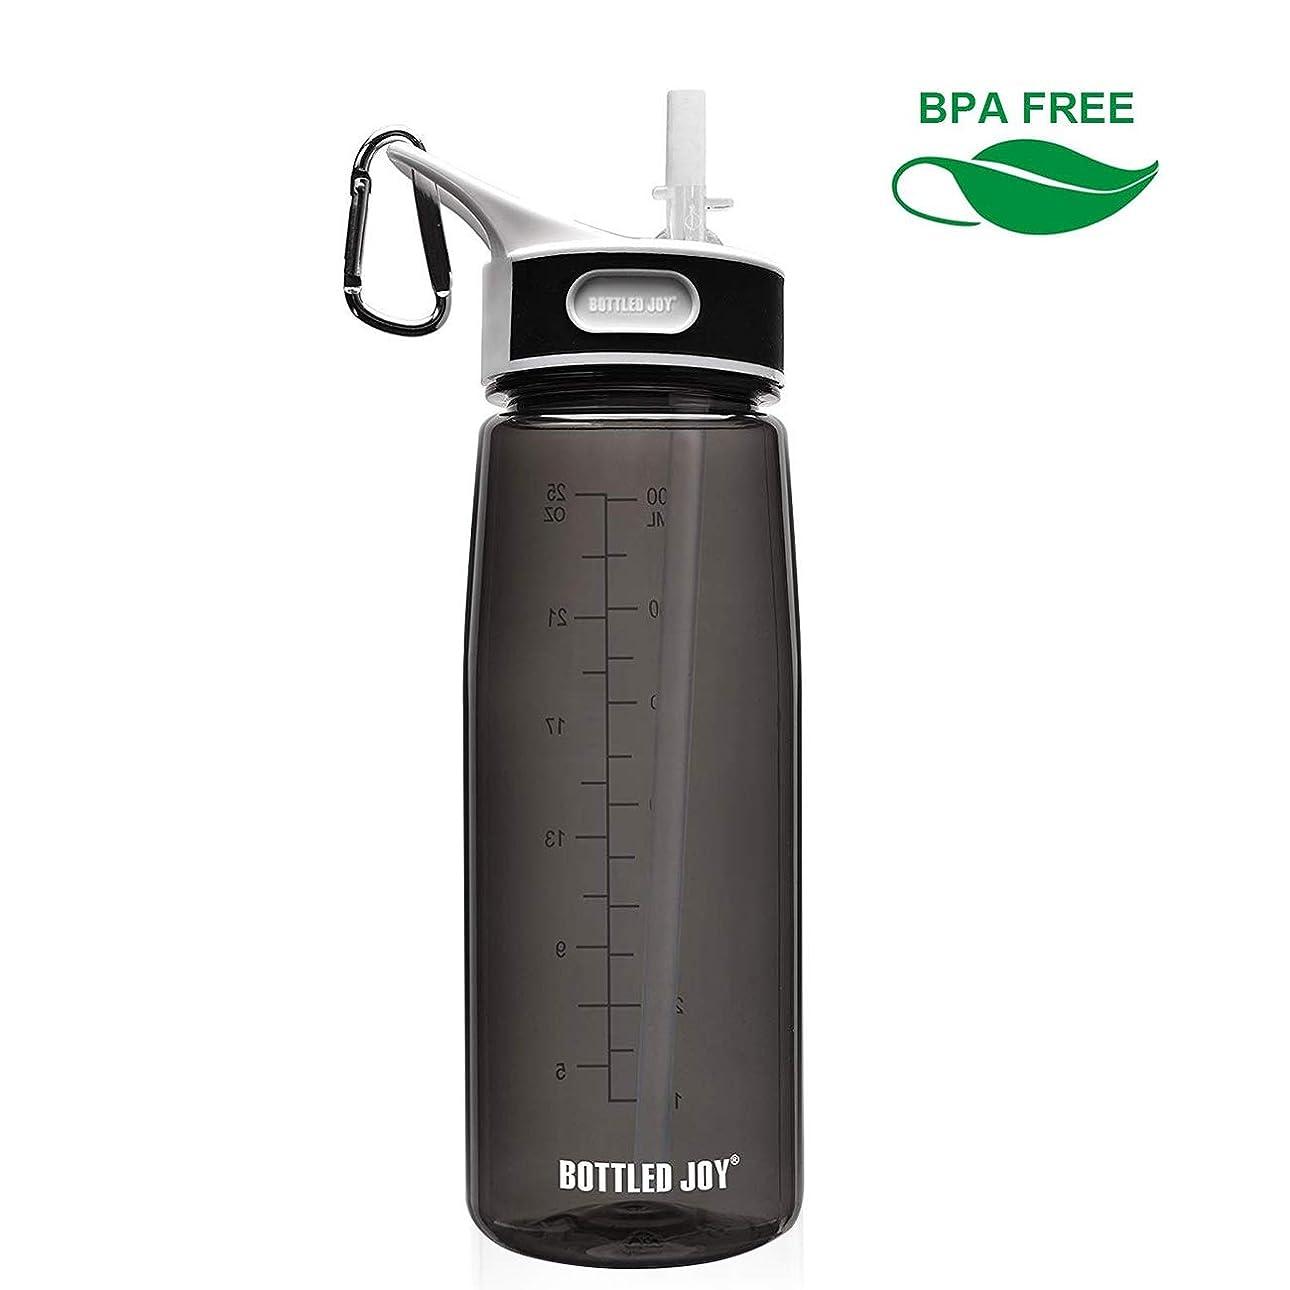 事実上九月何故なのBOTTLED JOYストロー ボトル 水筒 ウォーターボトル800ml BPA FREE スポーツボトル 男女兼用 超軽量 耐冷耐熱 携帯便利 高い密封性 漏れ防止 直飲み 軽量 大人スポーツボトル